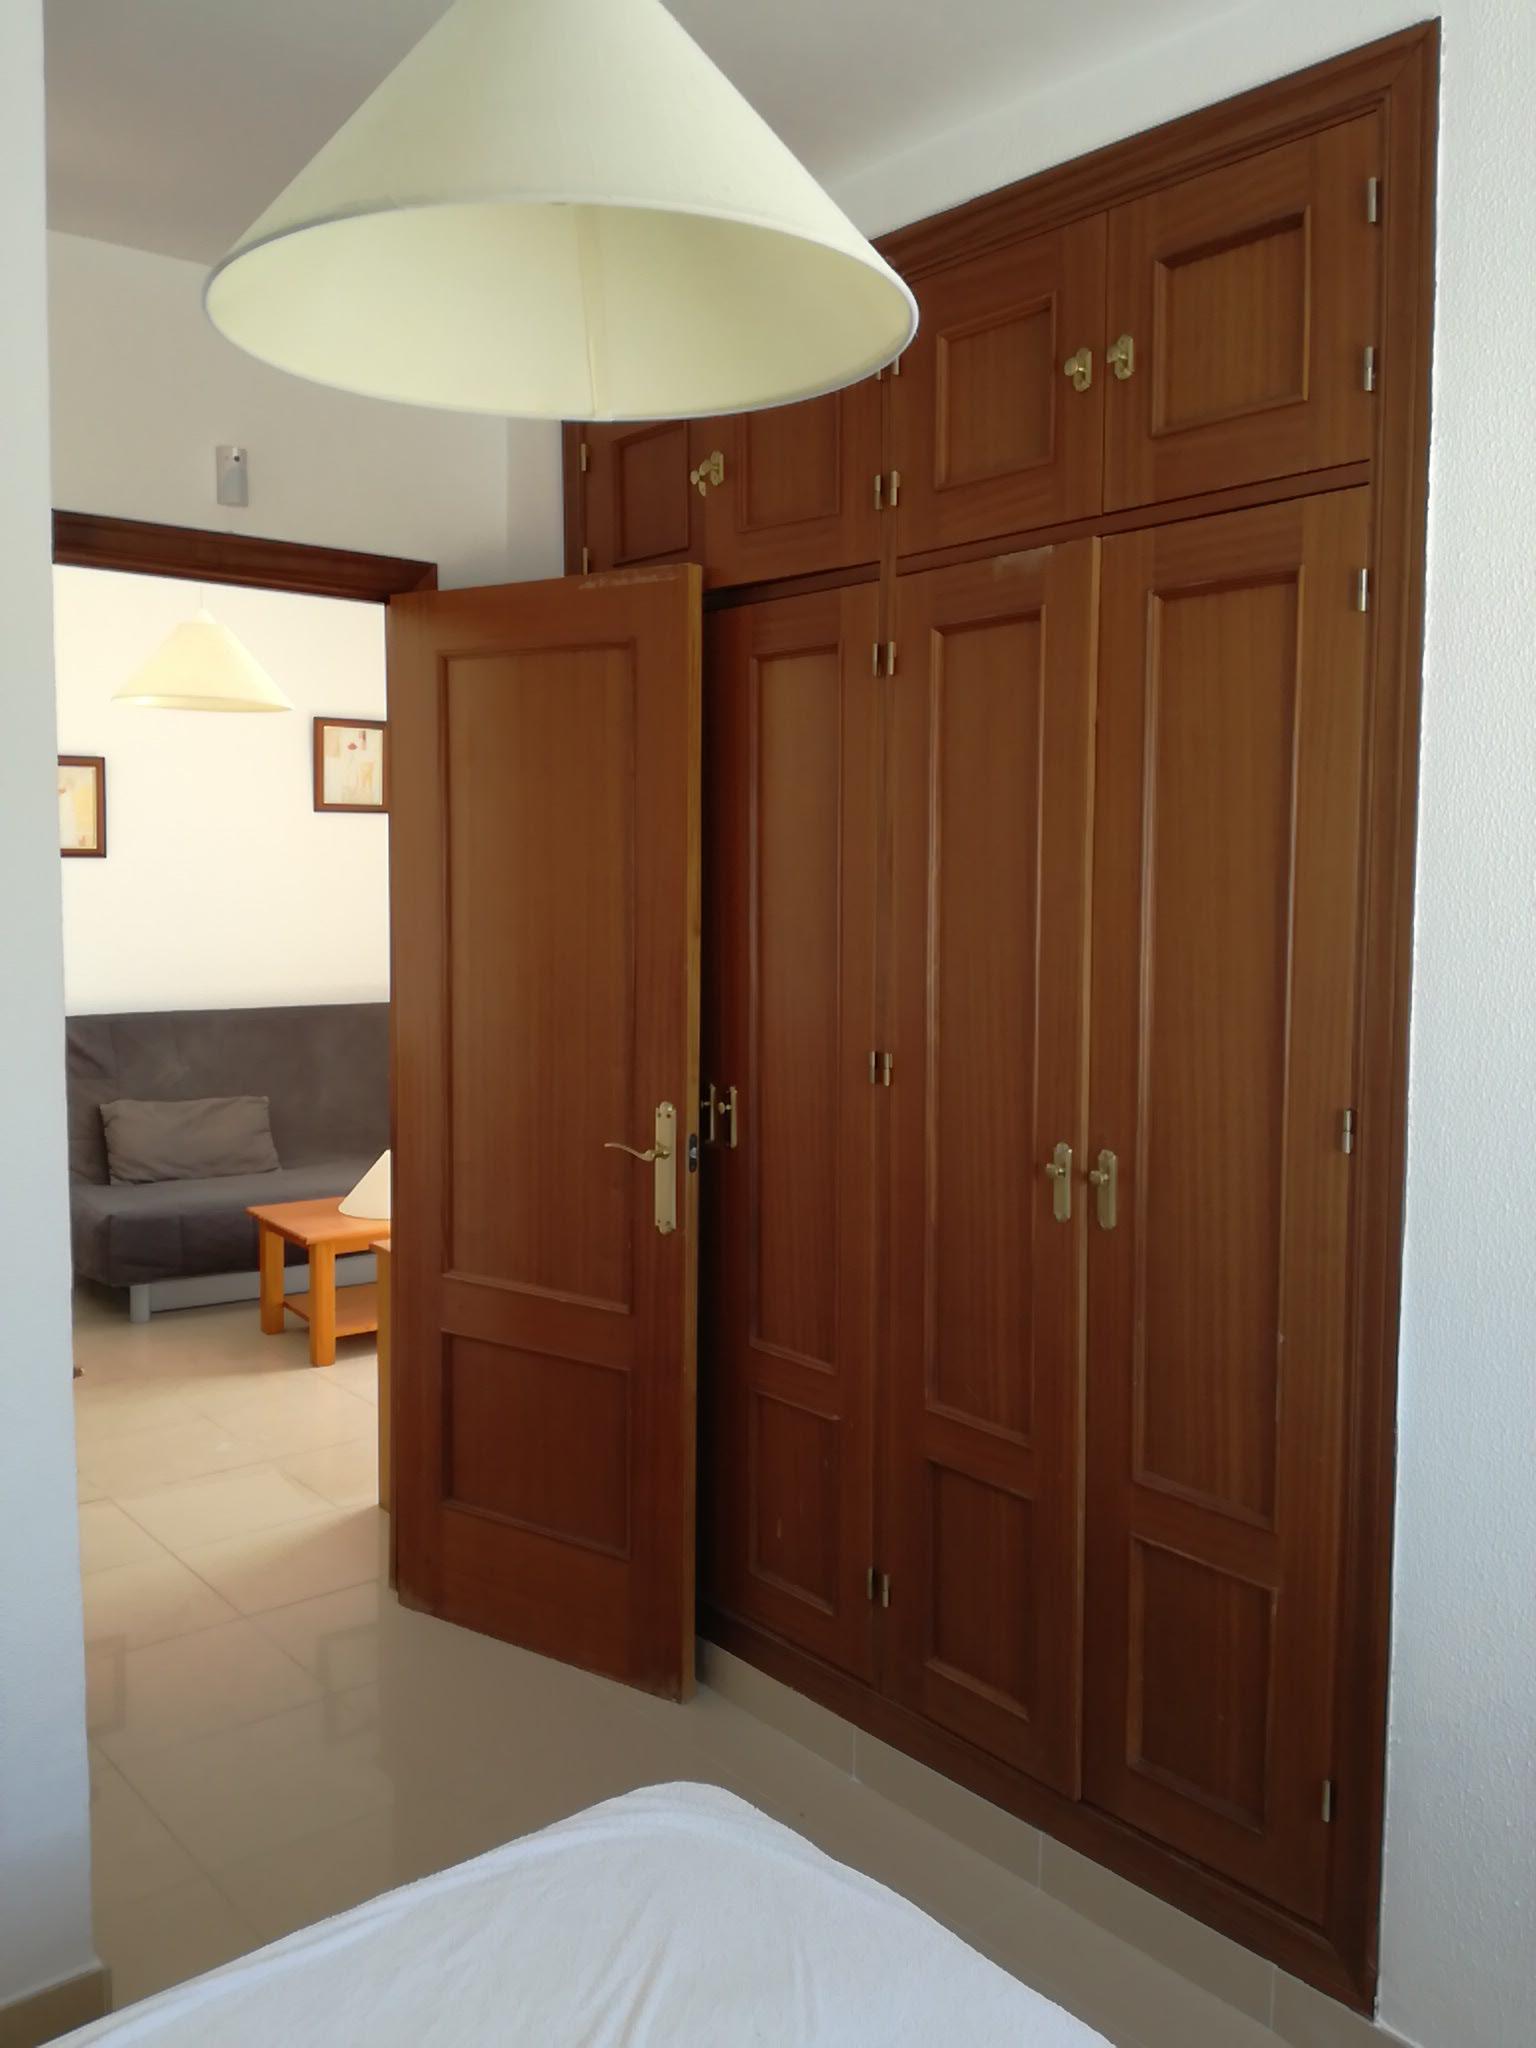 Piso en venta en Rota, Cádiz, Calle Prado del Rey, 115.000 €, 1 habitación, 1 baño, 40 m2